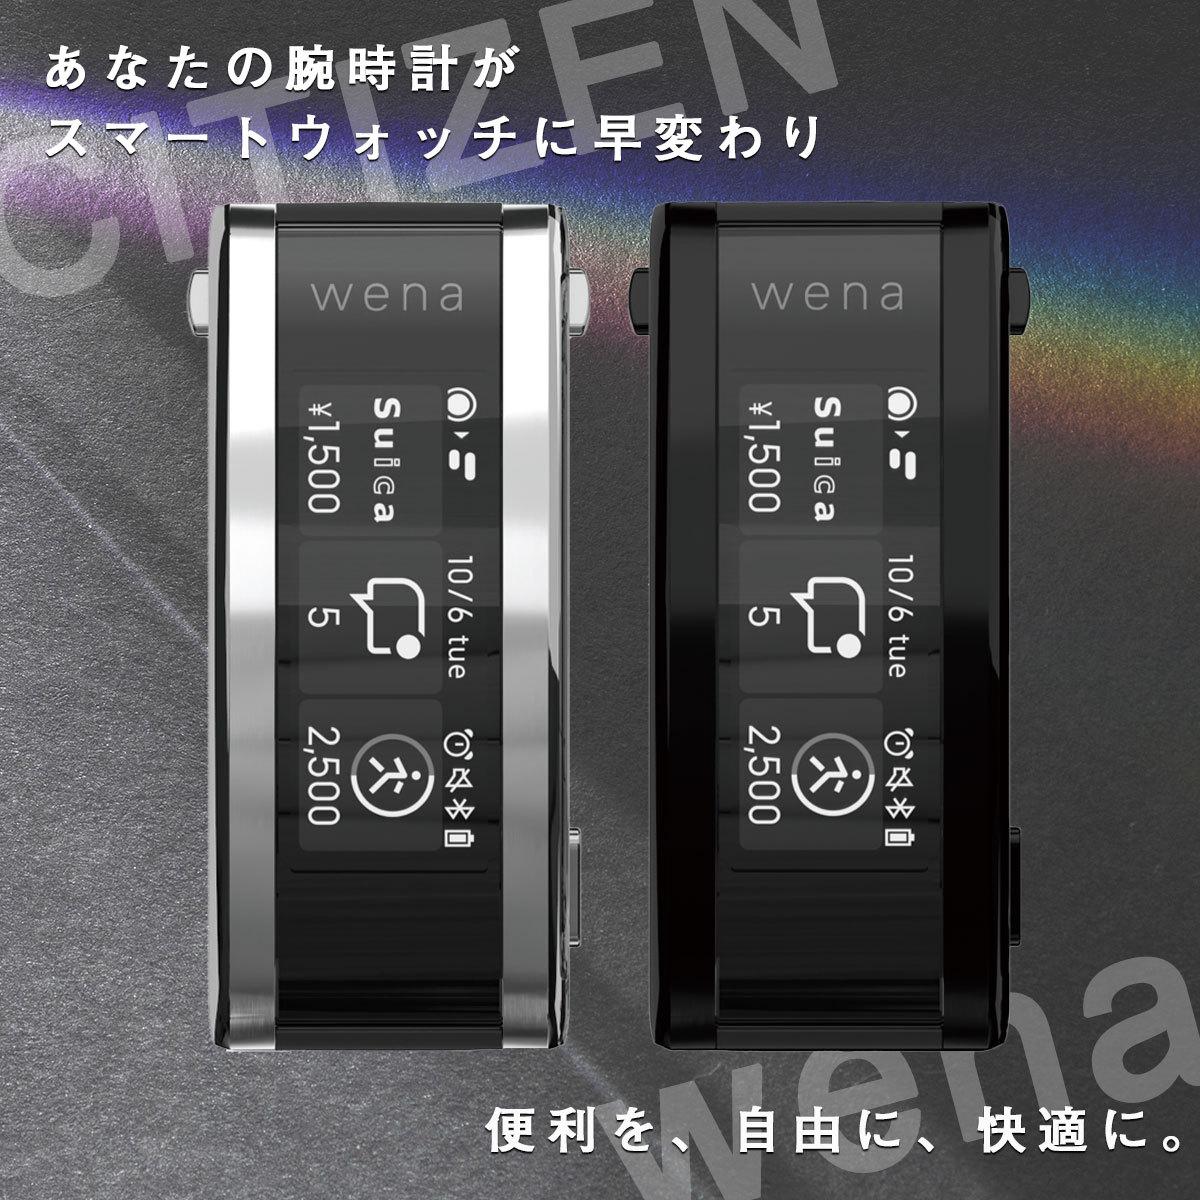 wnw-21a-b